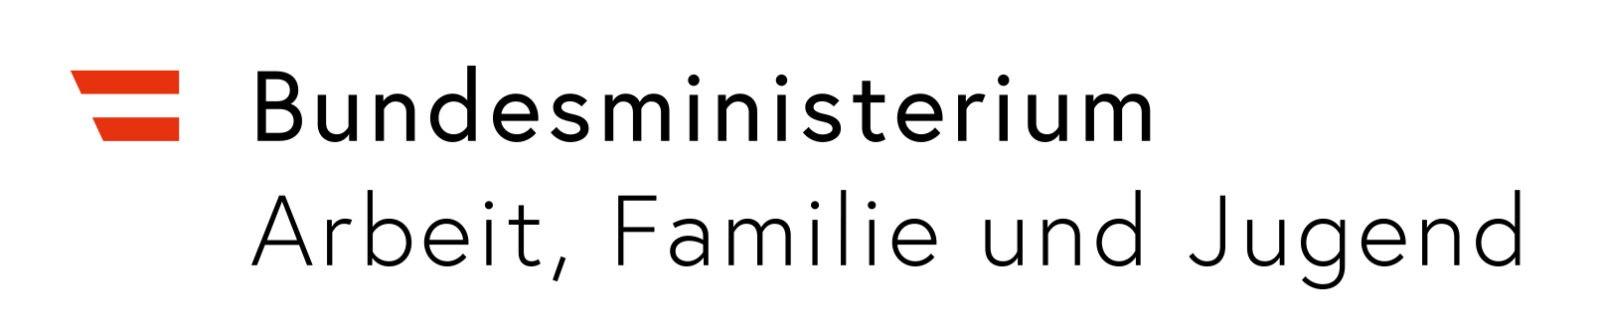 Bundesministerium für Arbeit, Familien und Jugend